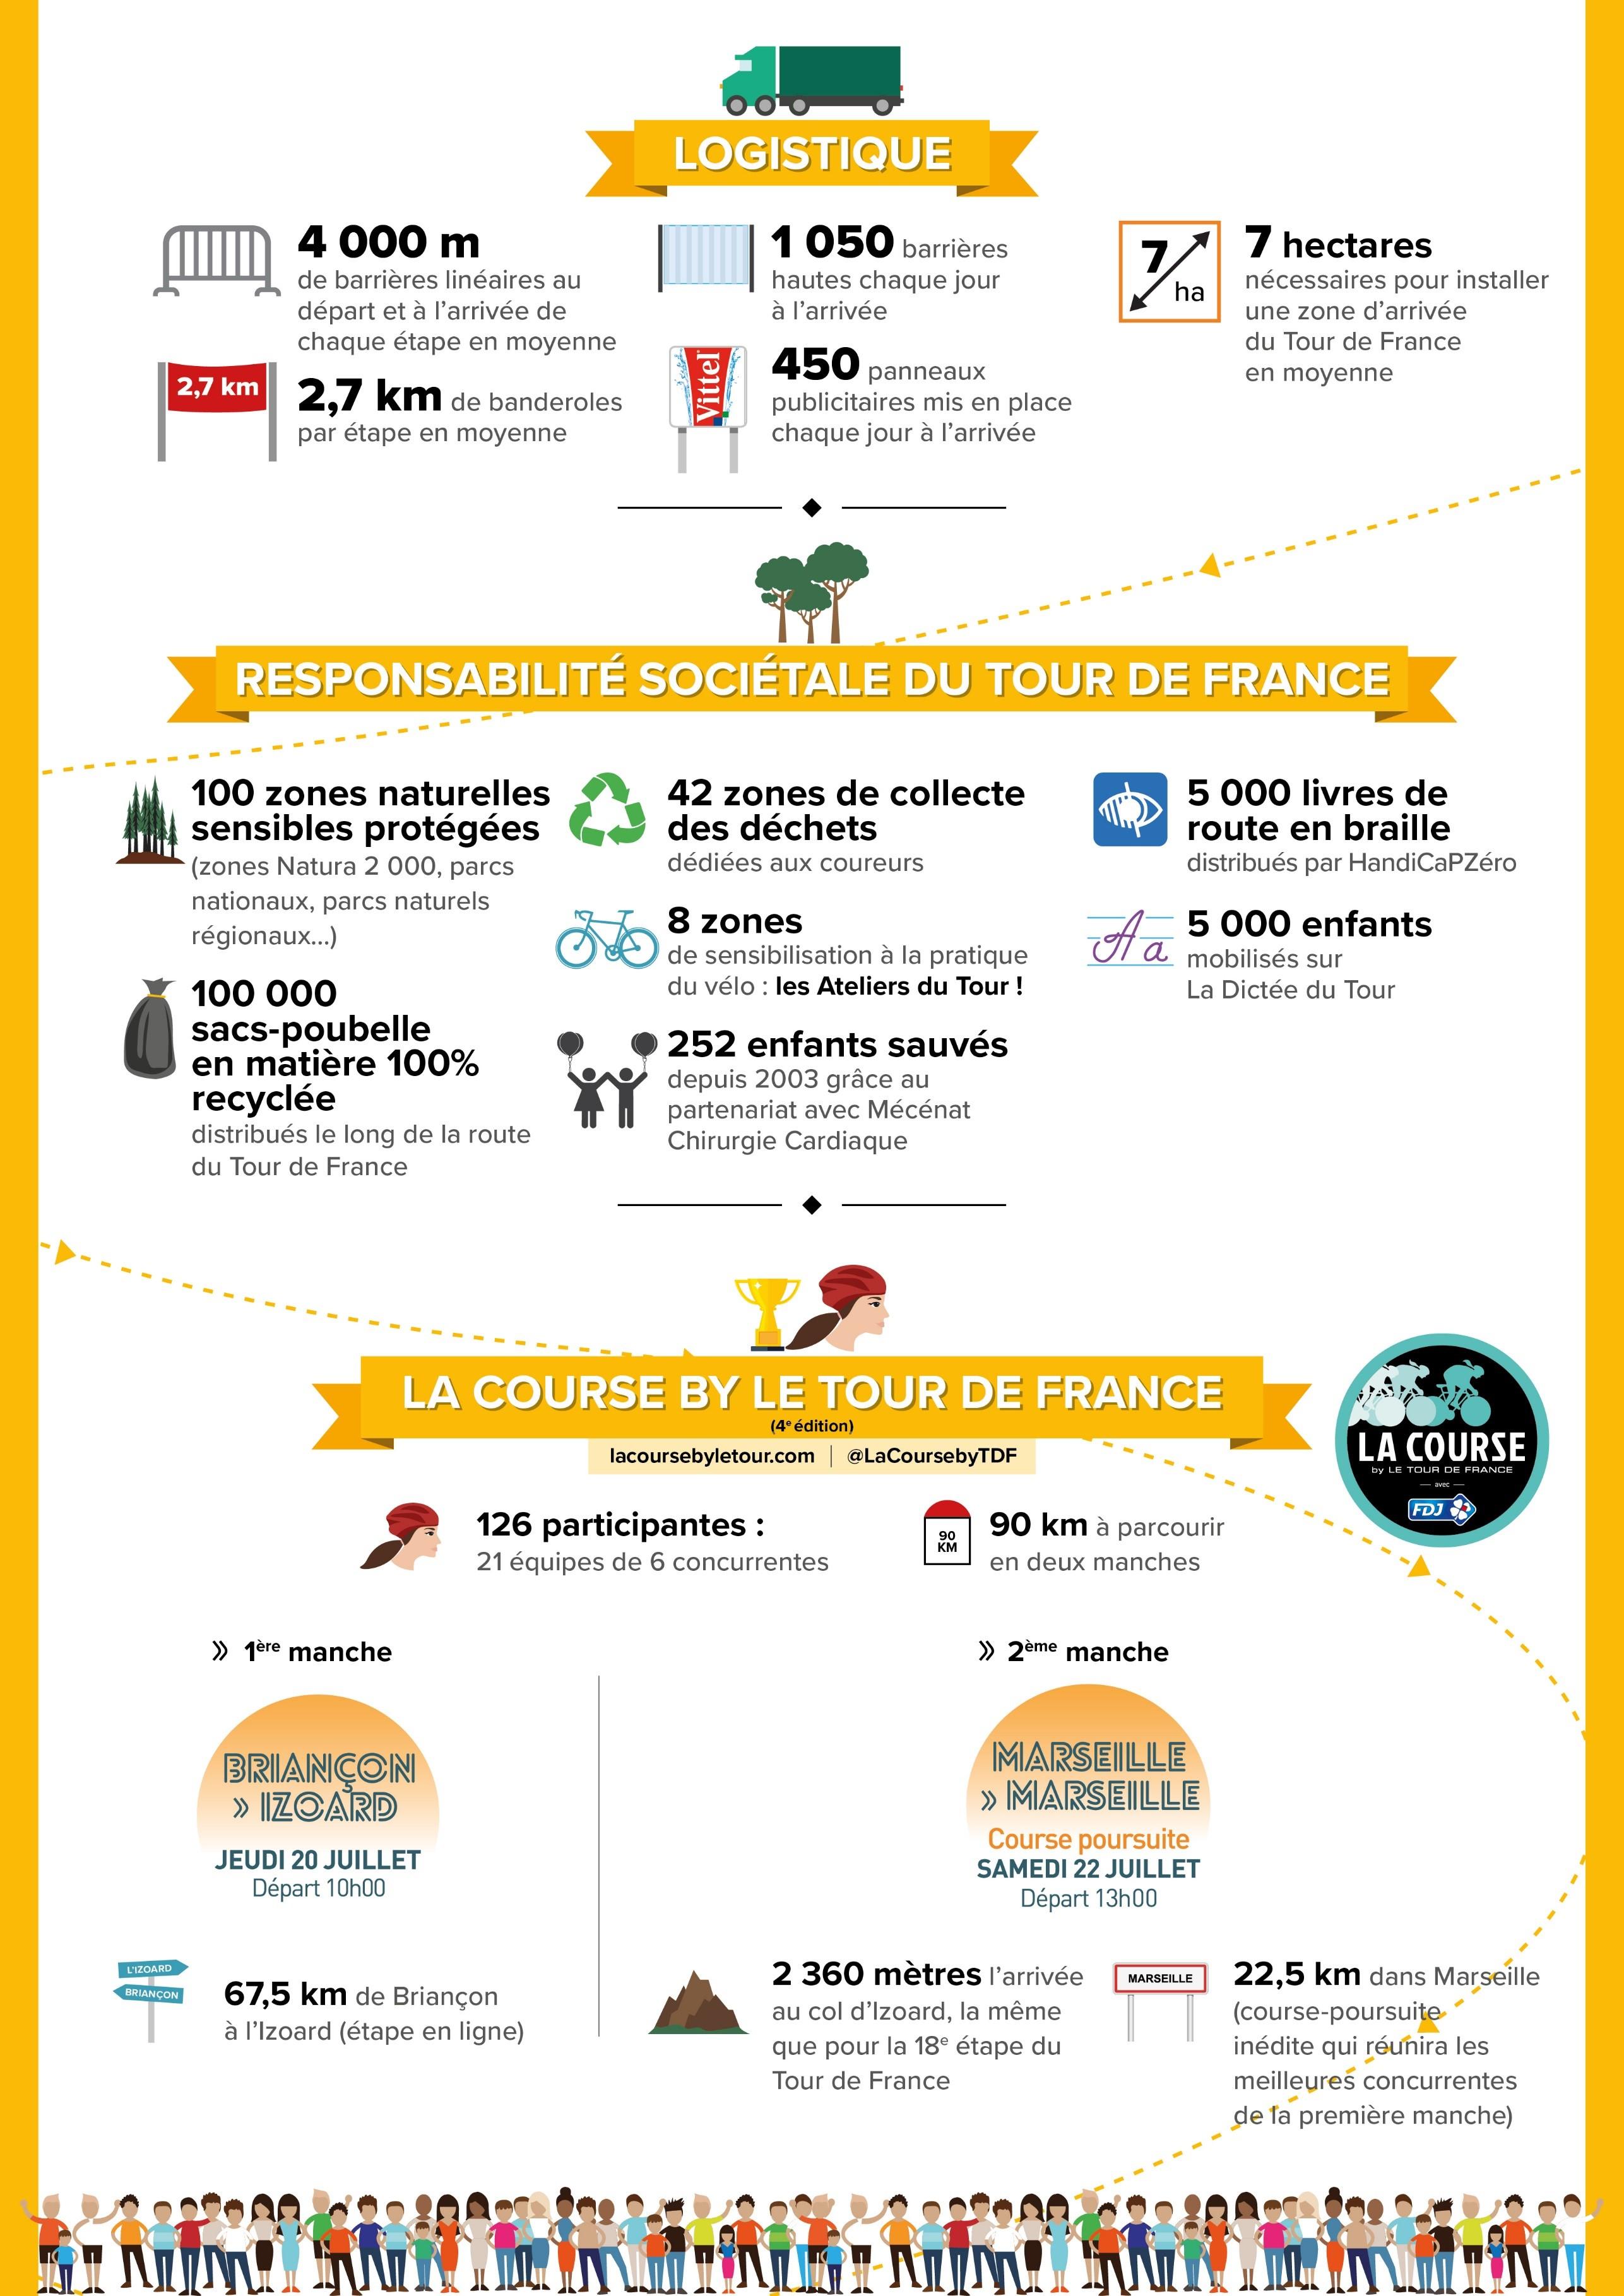 Infographie Les Chiffres Cl 233 S Du Tour De France 2017